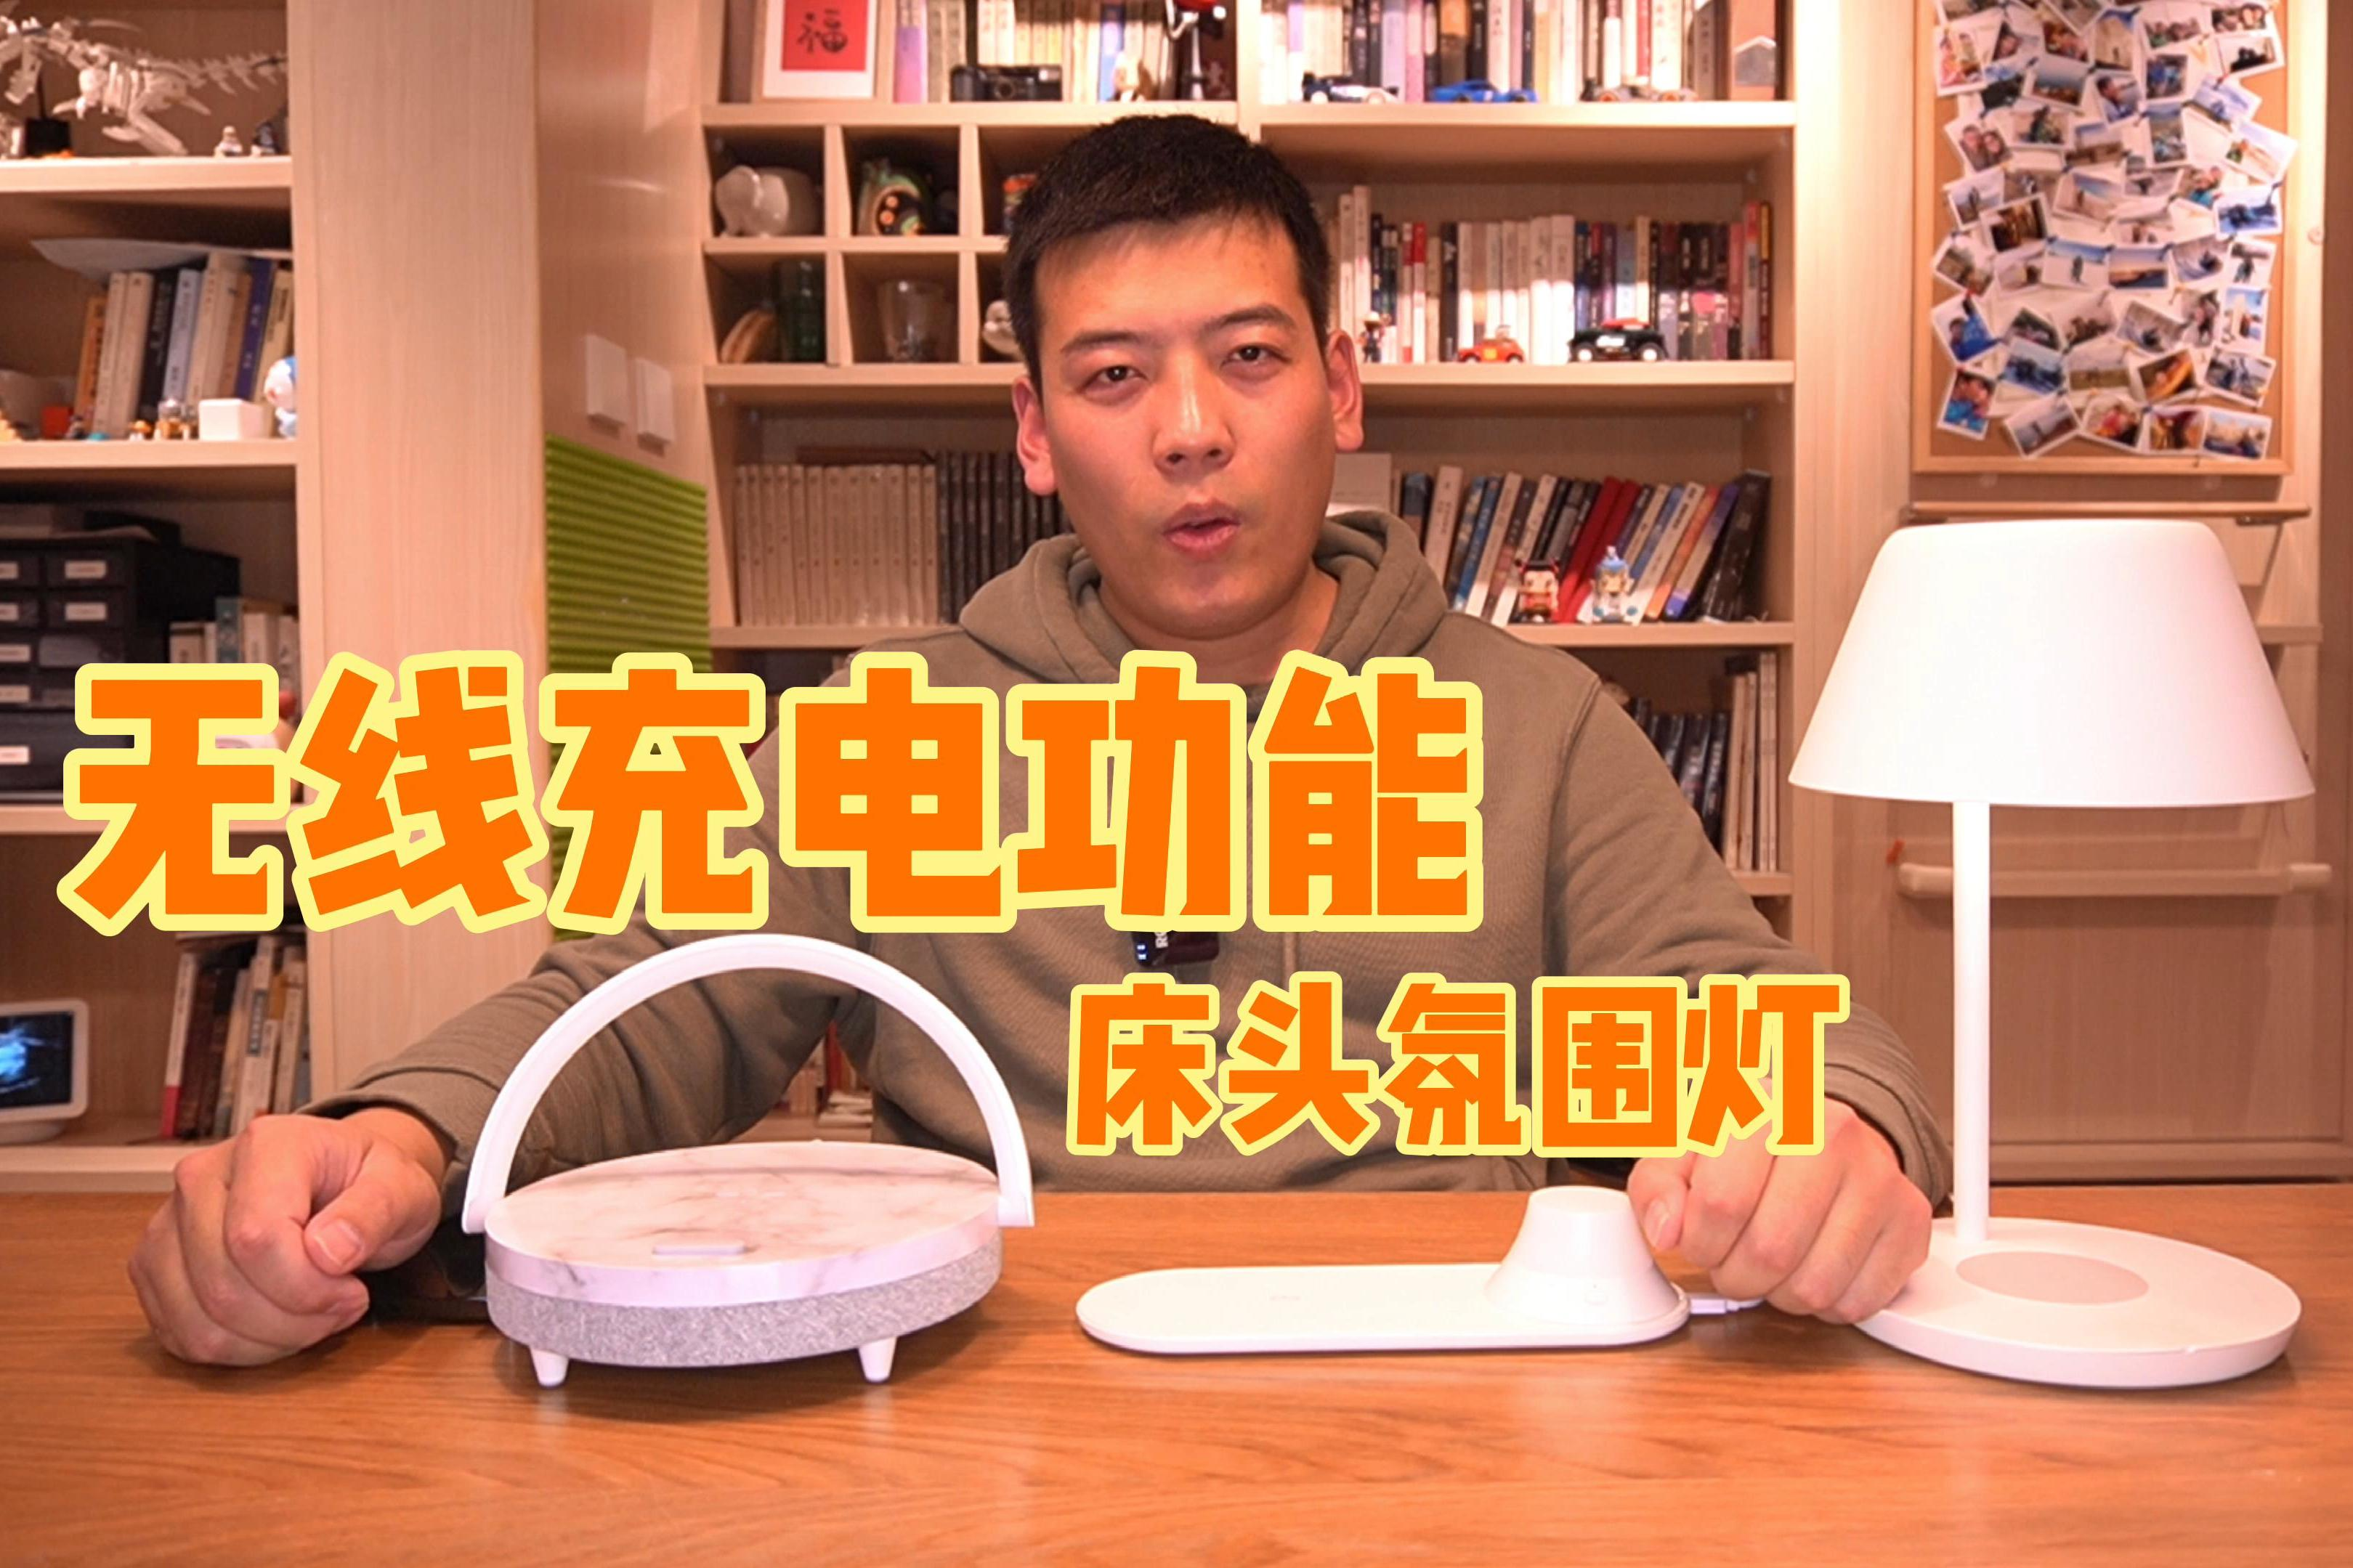 三款无线充电功能氛围灯,视频带你详细对比!